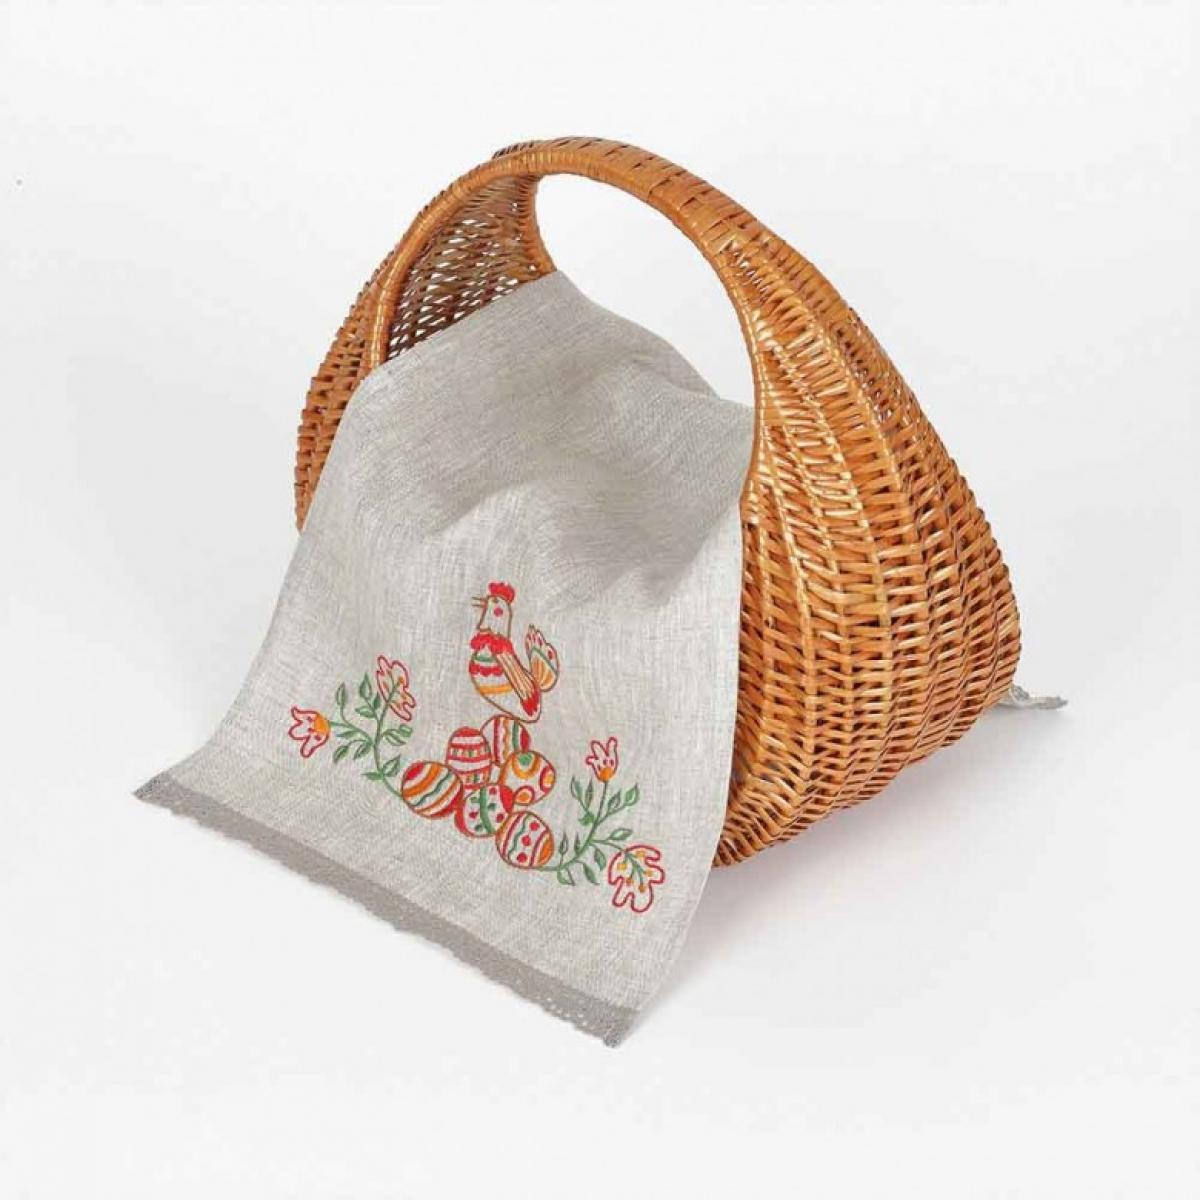 Вышитая салфетка на корзину Писанки 65 * 33 серый льон. Фото №2. | Народный дом Украина